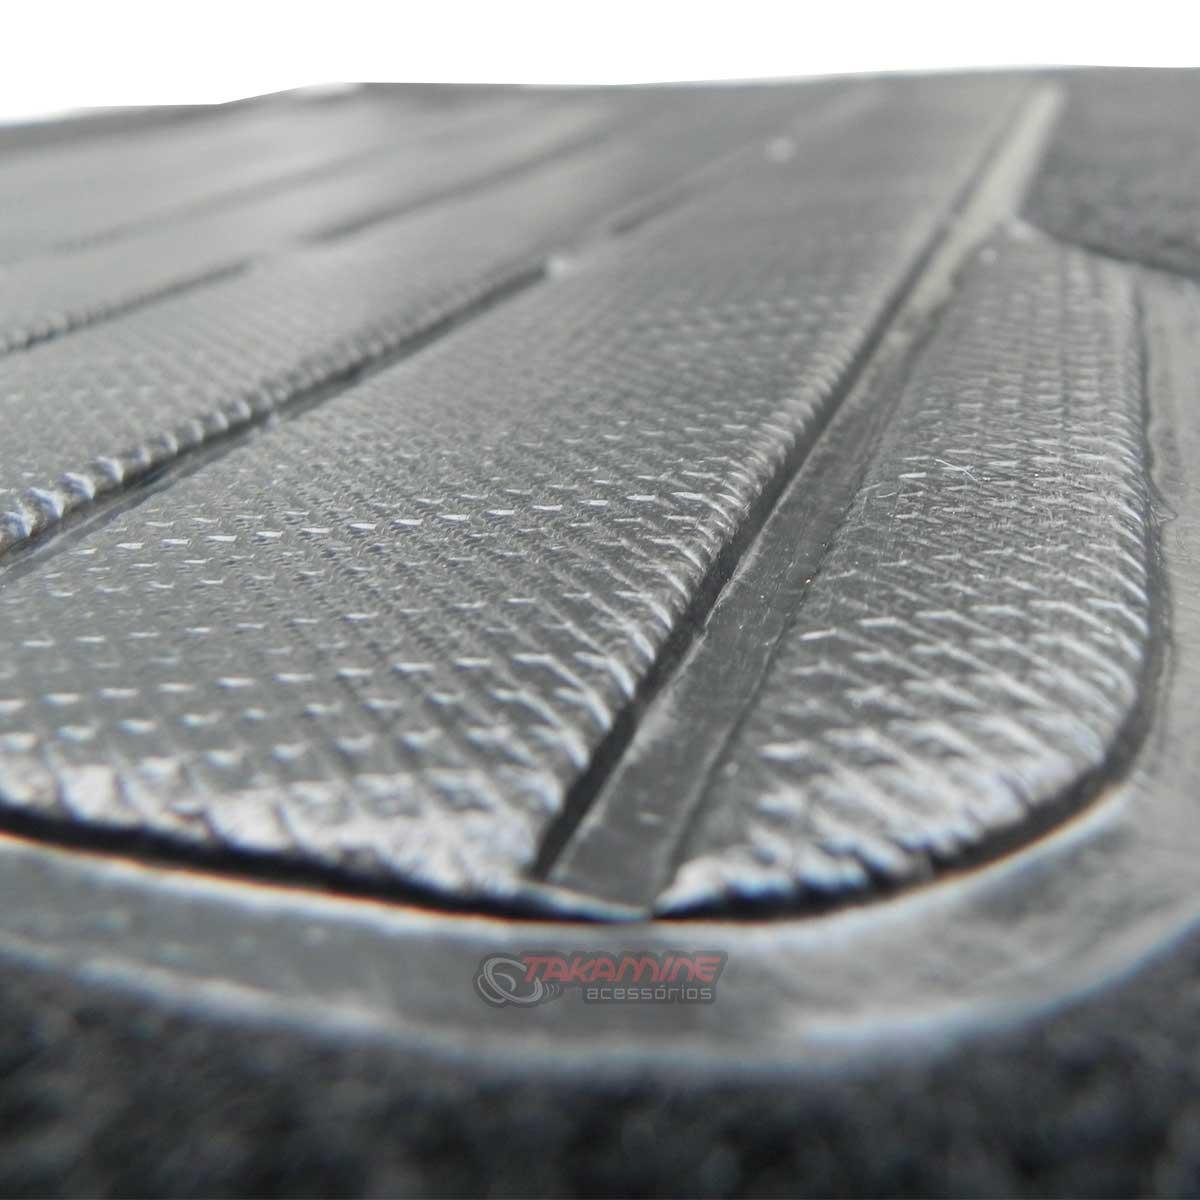 Jogo tapete carpete Accord 2006 2007 2008 2009 2010 2011 com bordado (5 peças) e base pinada